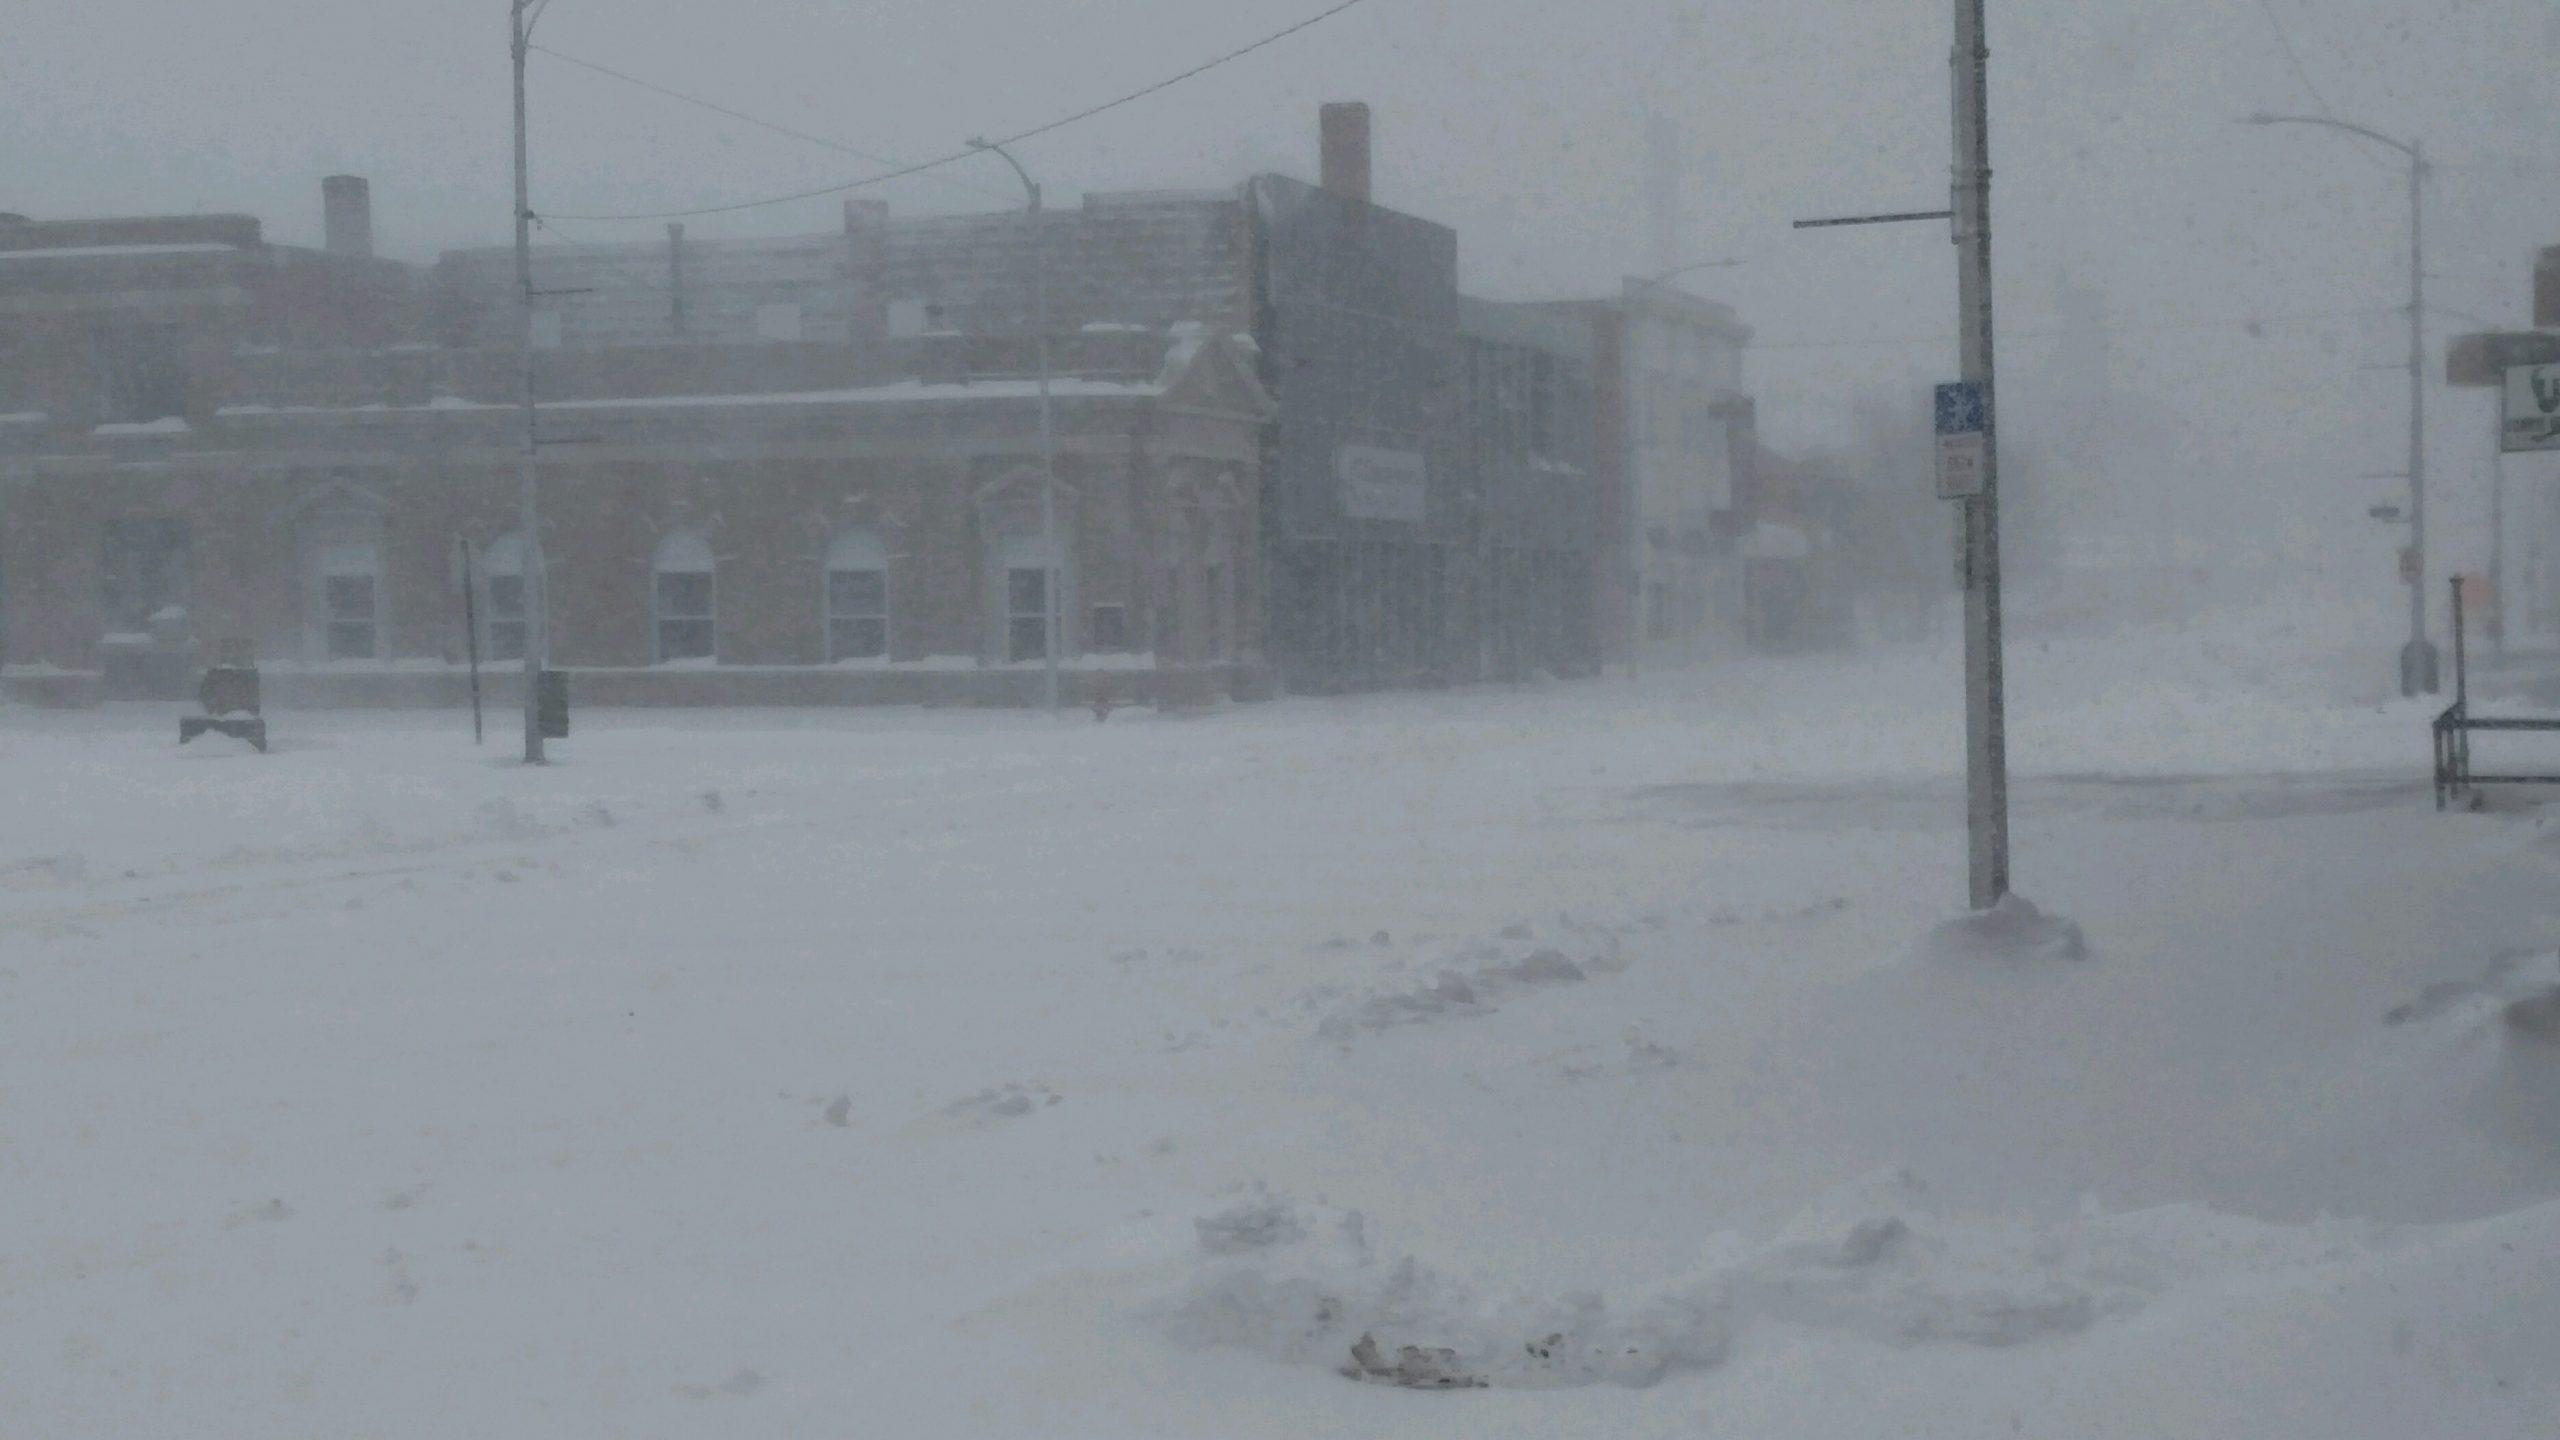 Winter Weather Blankets Nebraska